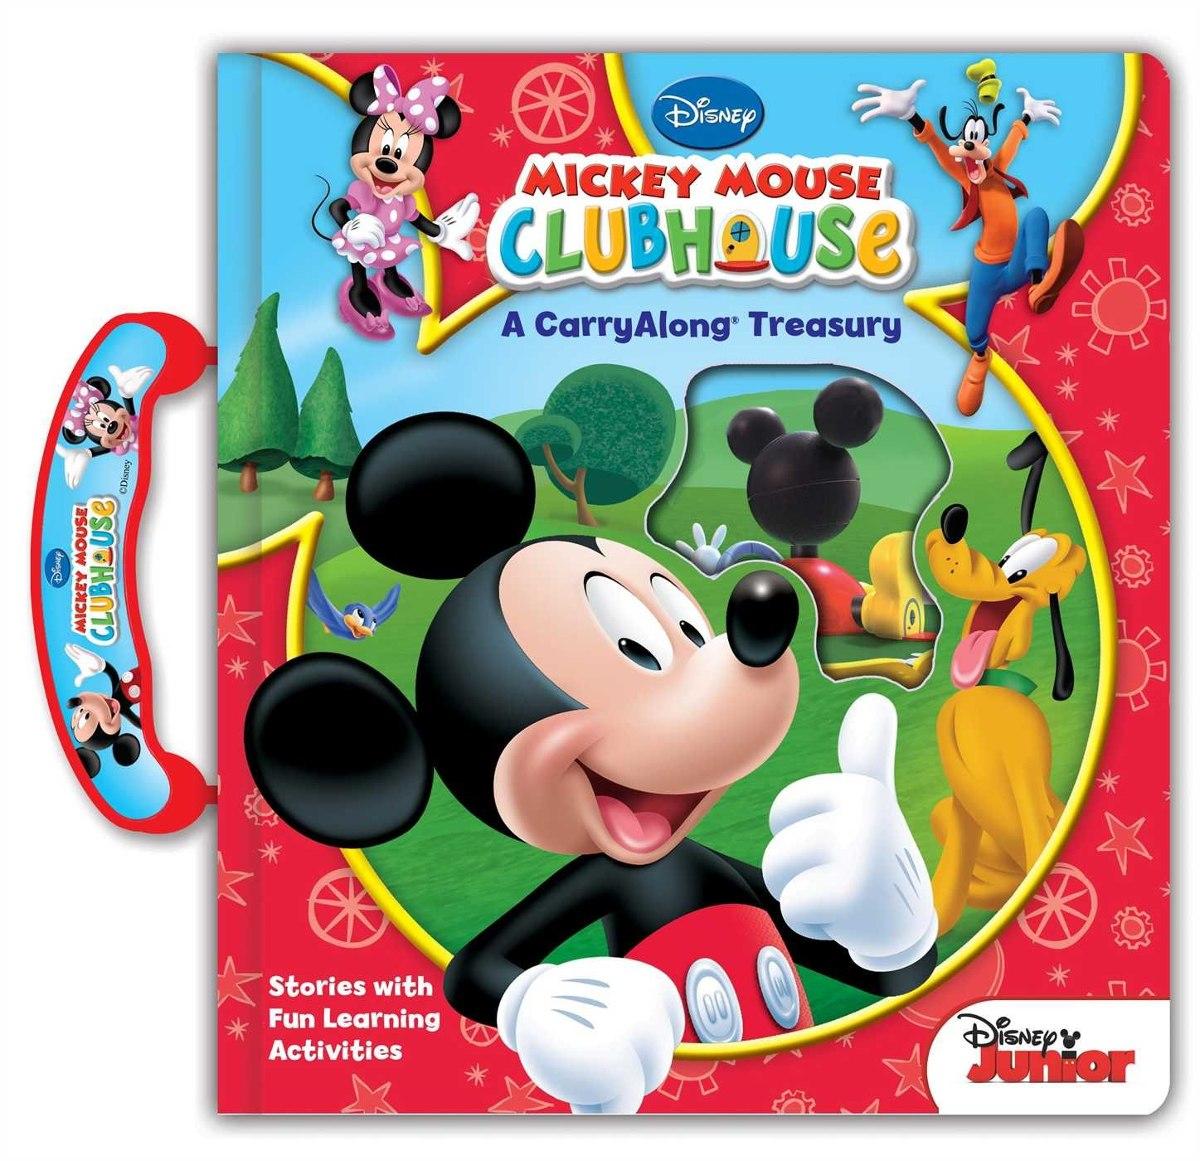 Increíble Mickey Mouse Etiquetas Del Uña Colección de Imágenes ...